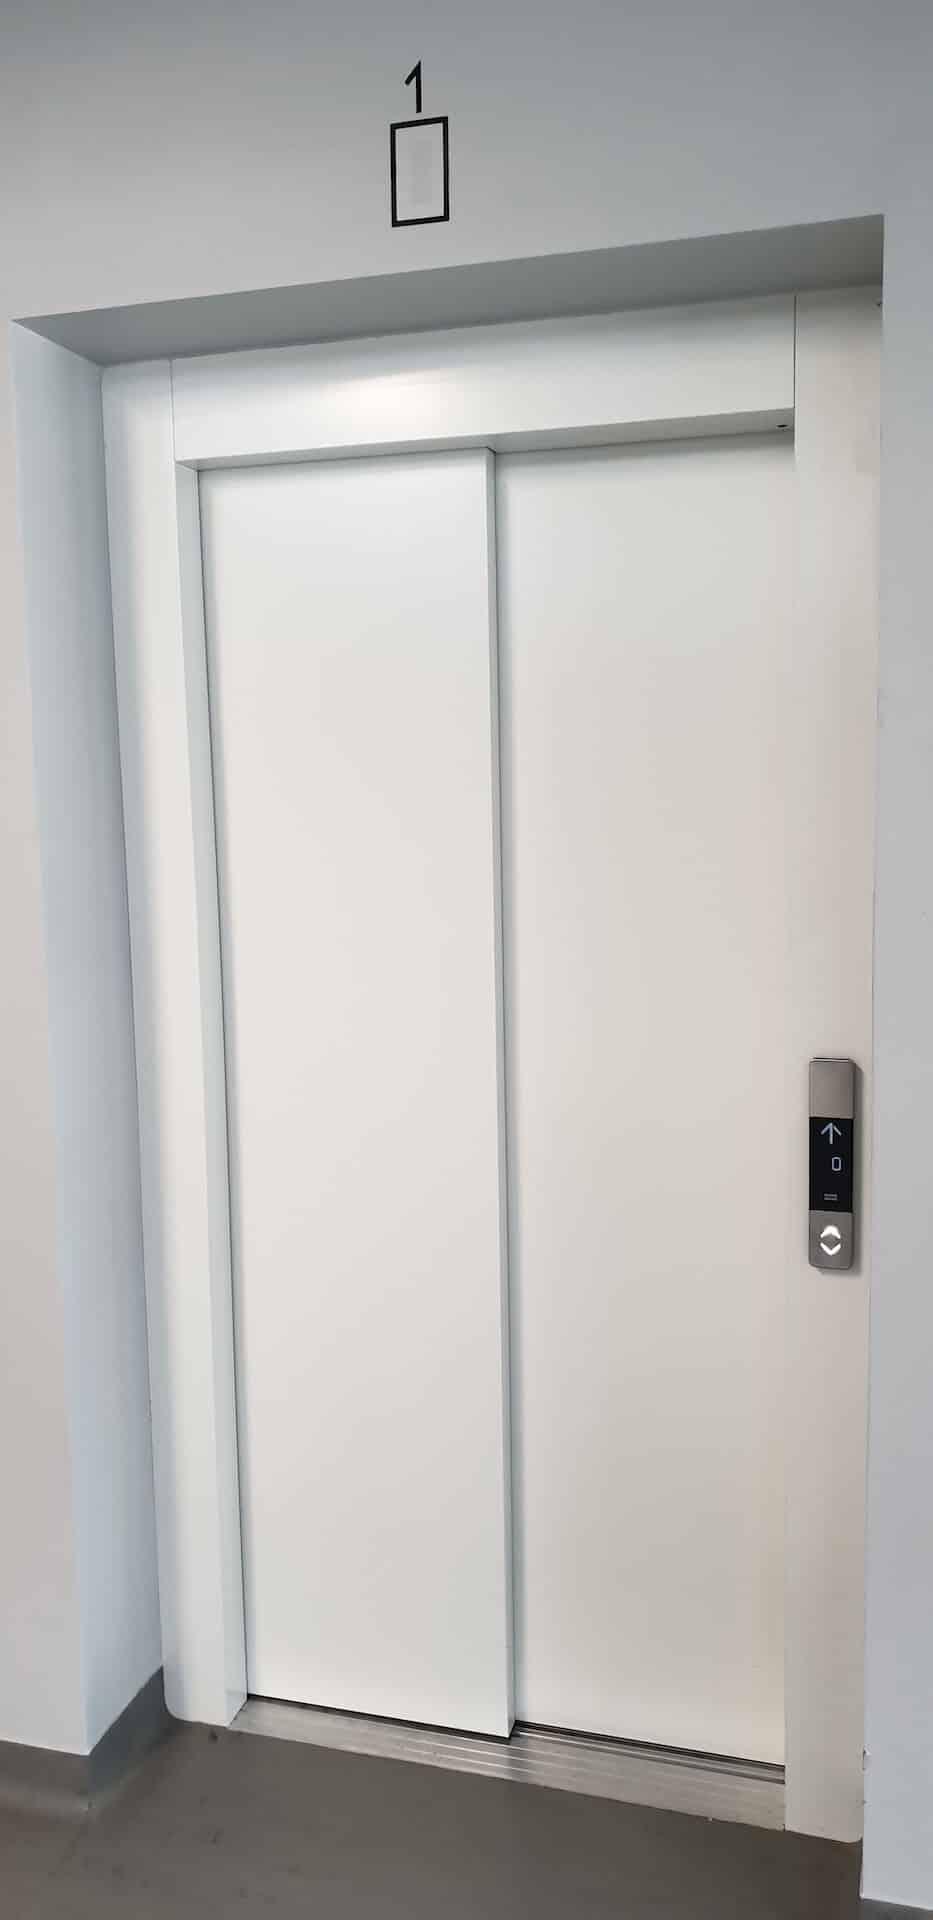 Widok na drzwi windy zlokalizowanej na parterze